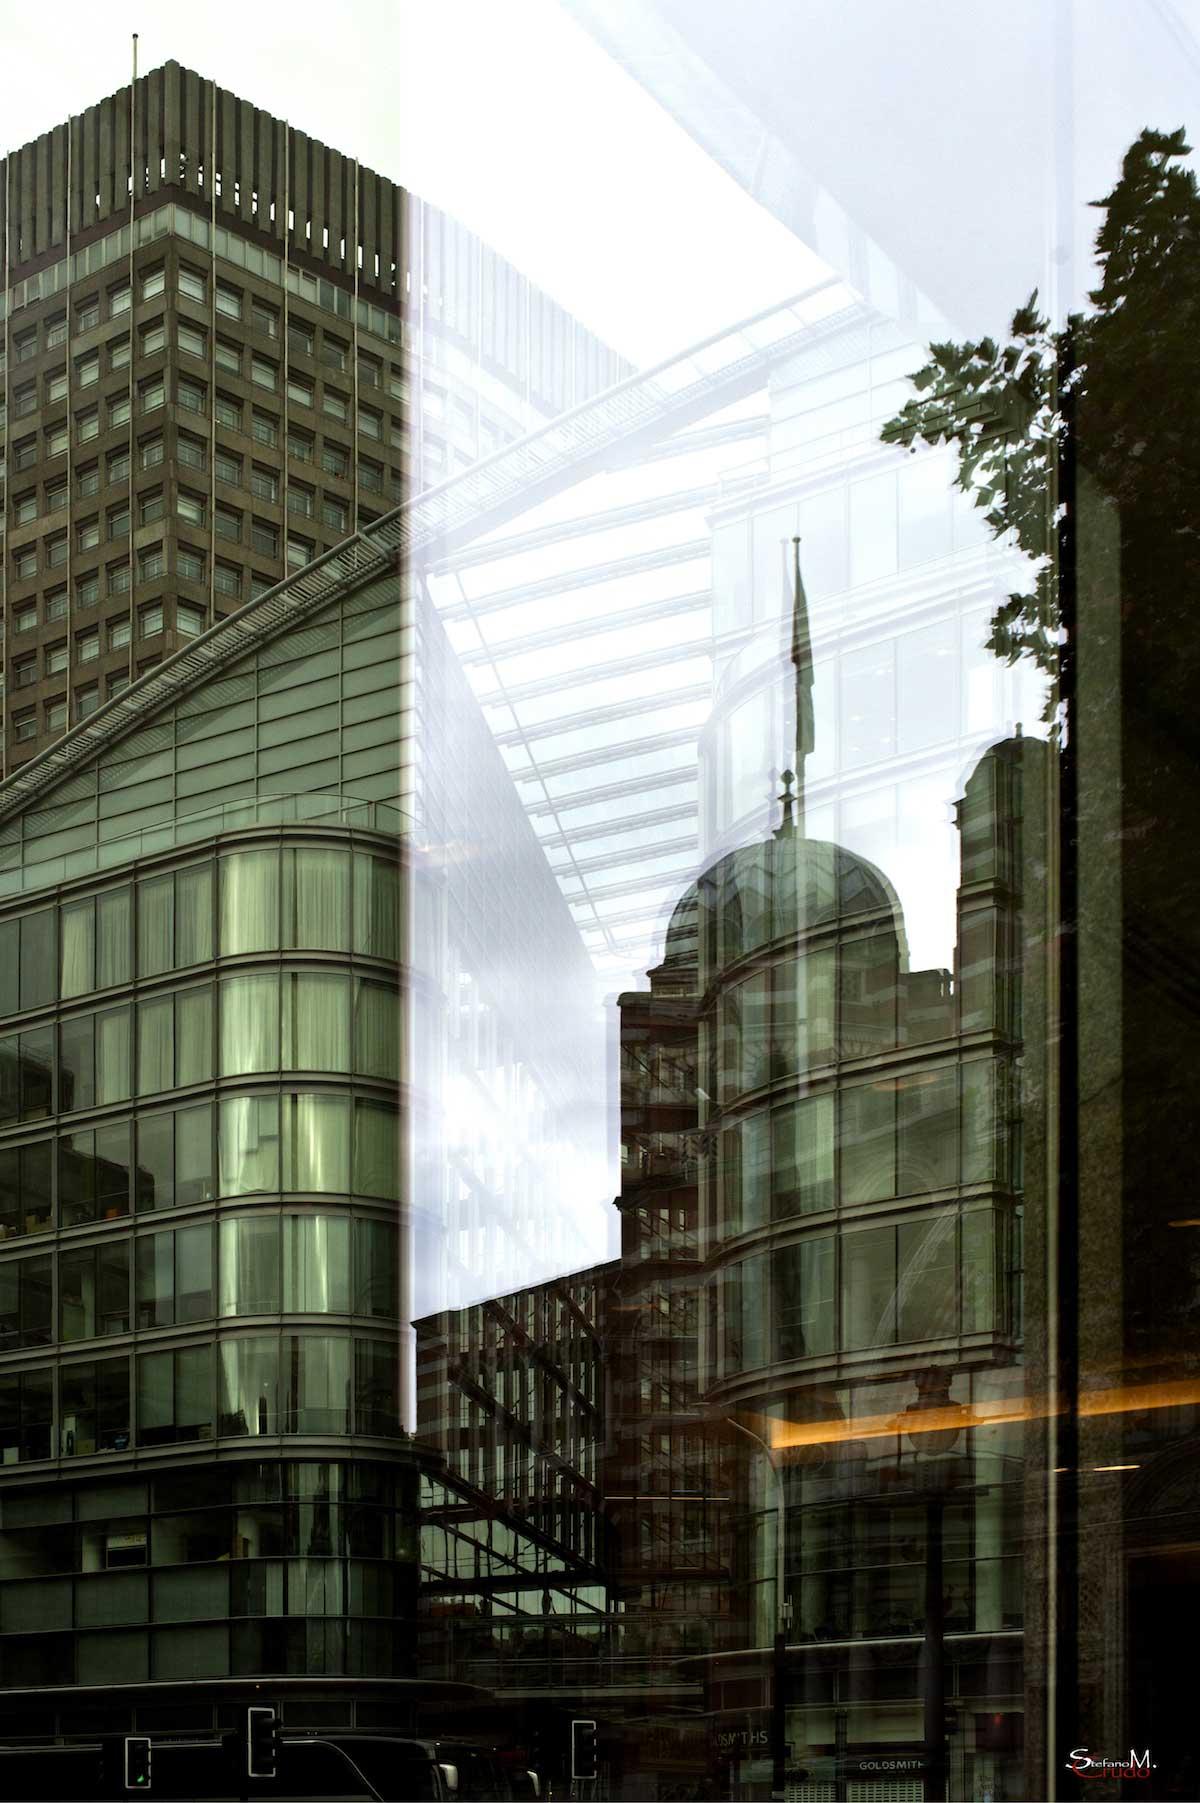 LONDRA - Trasparenze